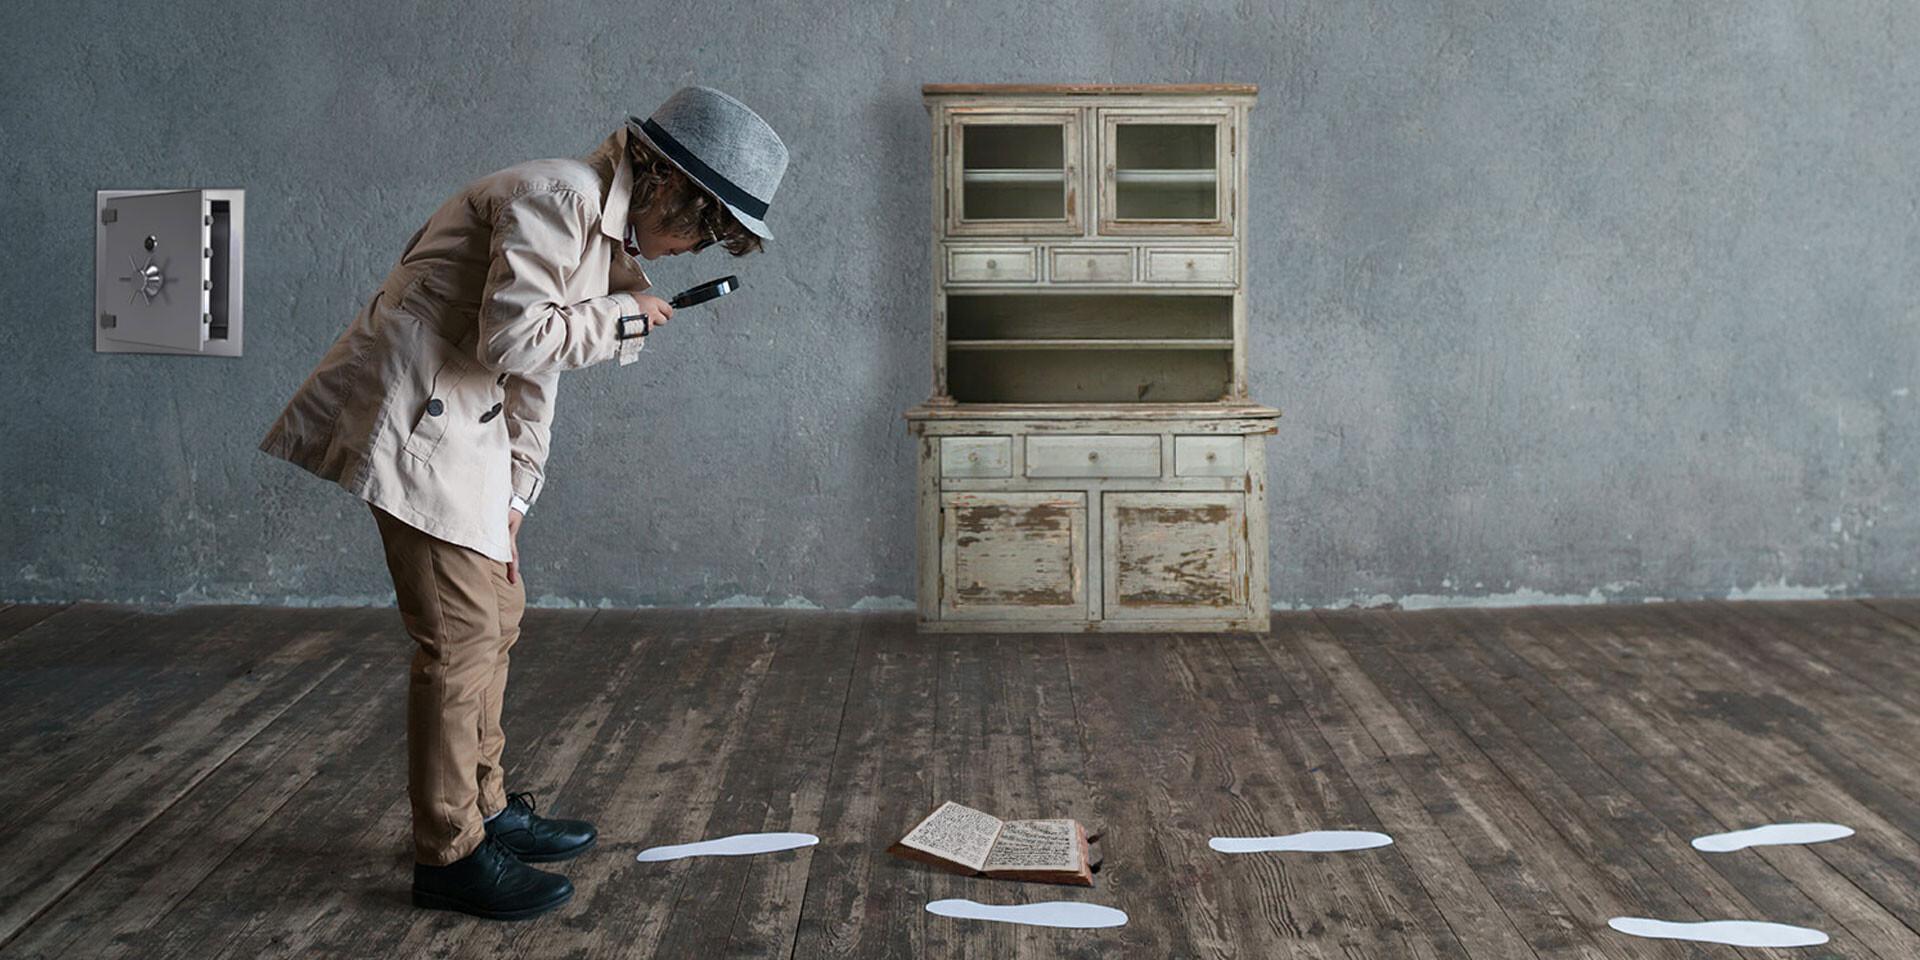 Prvý escape room na Liptove - Rebus Room je interaktívna, logická úniková hra